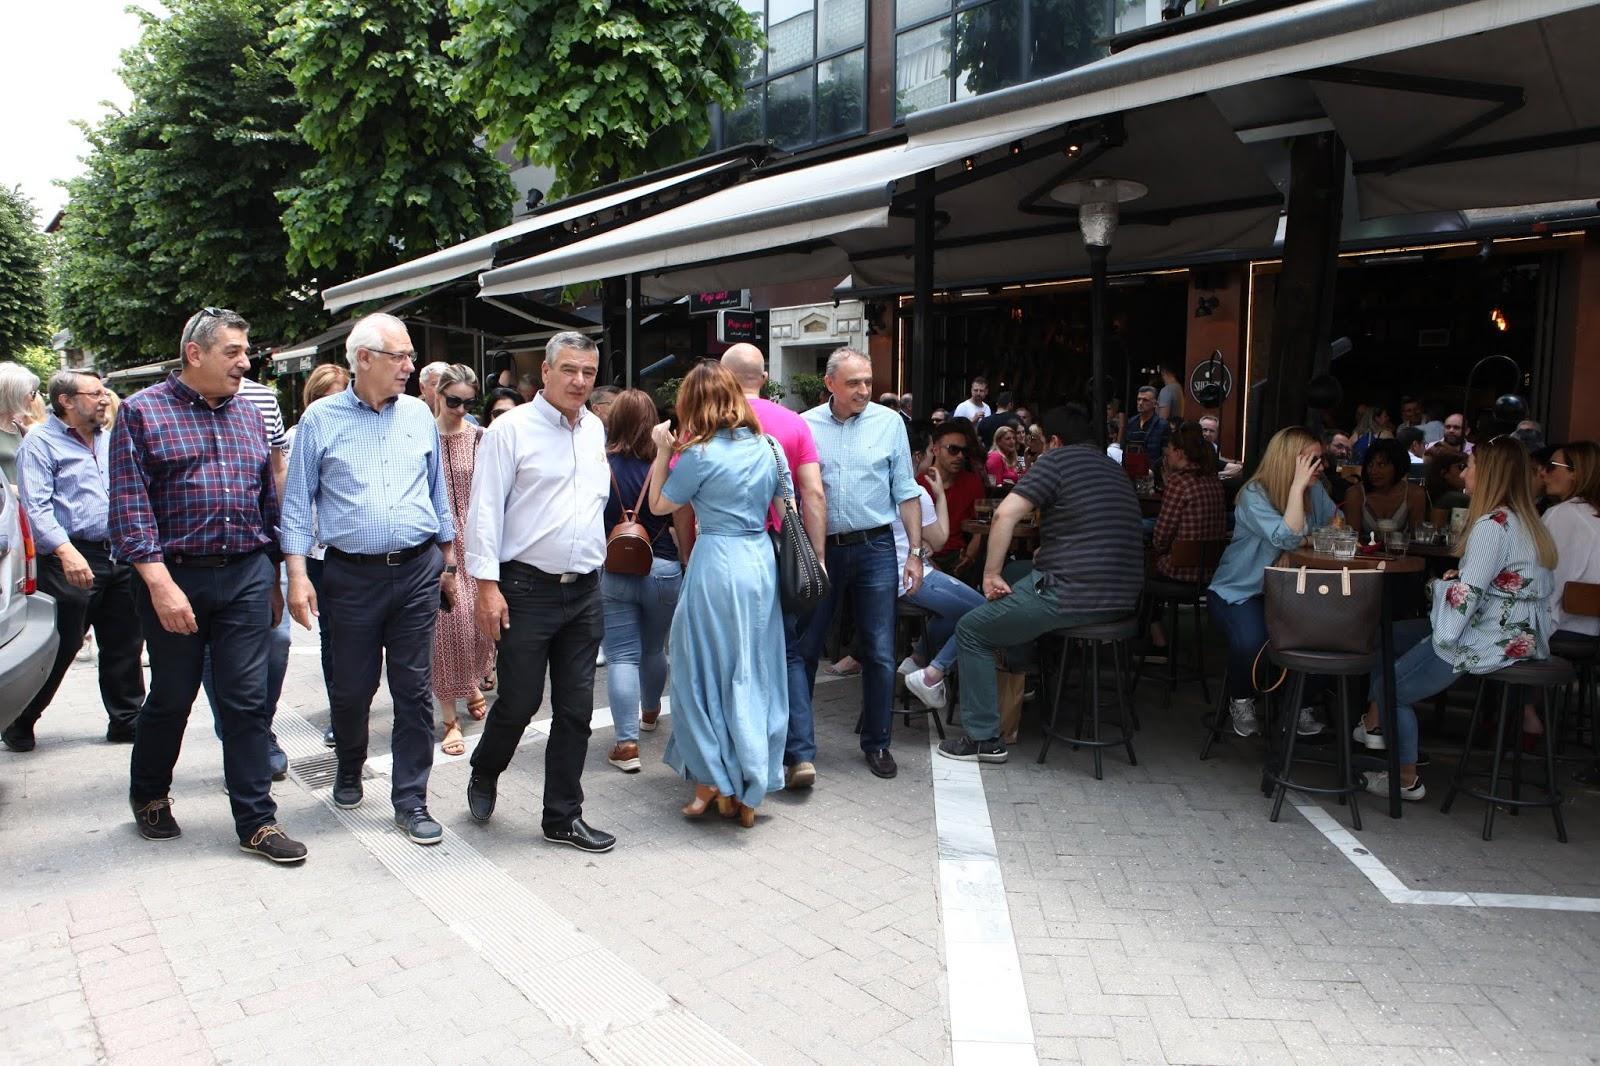 Χαλαρή βόλτα και καφέ στο κέντρο της Λάρισας για τον Απ.Καλογιάννη πριν την αυριανή μεγάλη αναμέτρηση (ΦΩΤΟ)